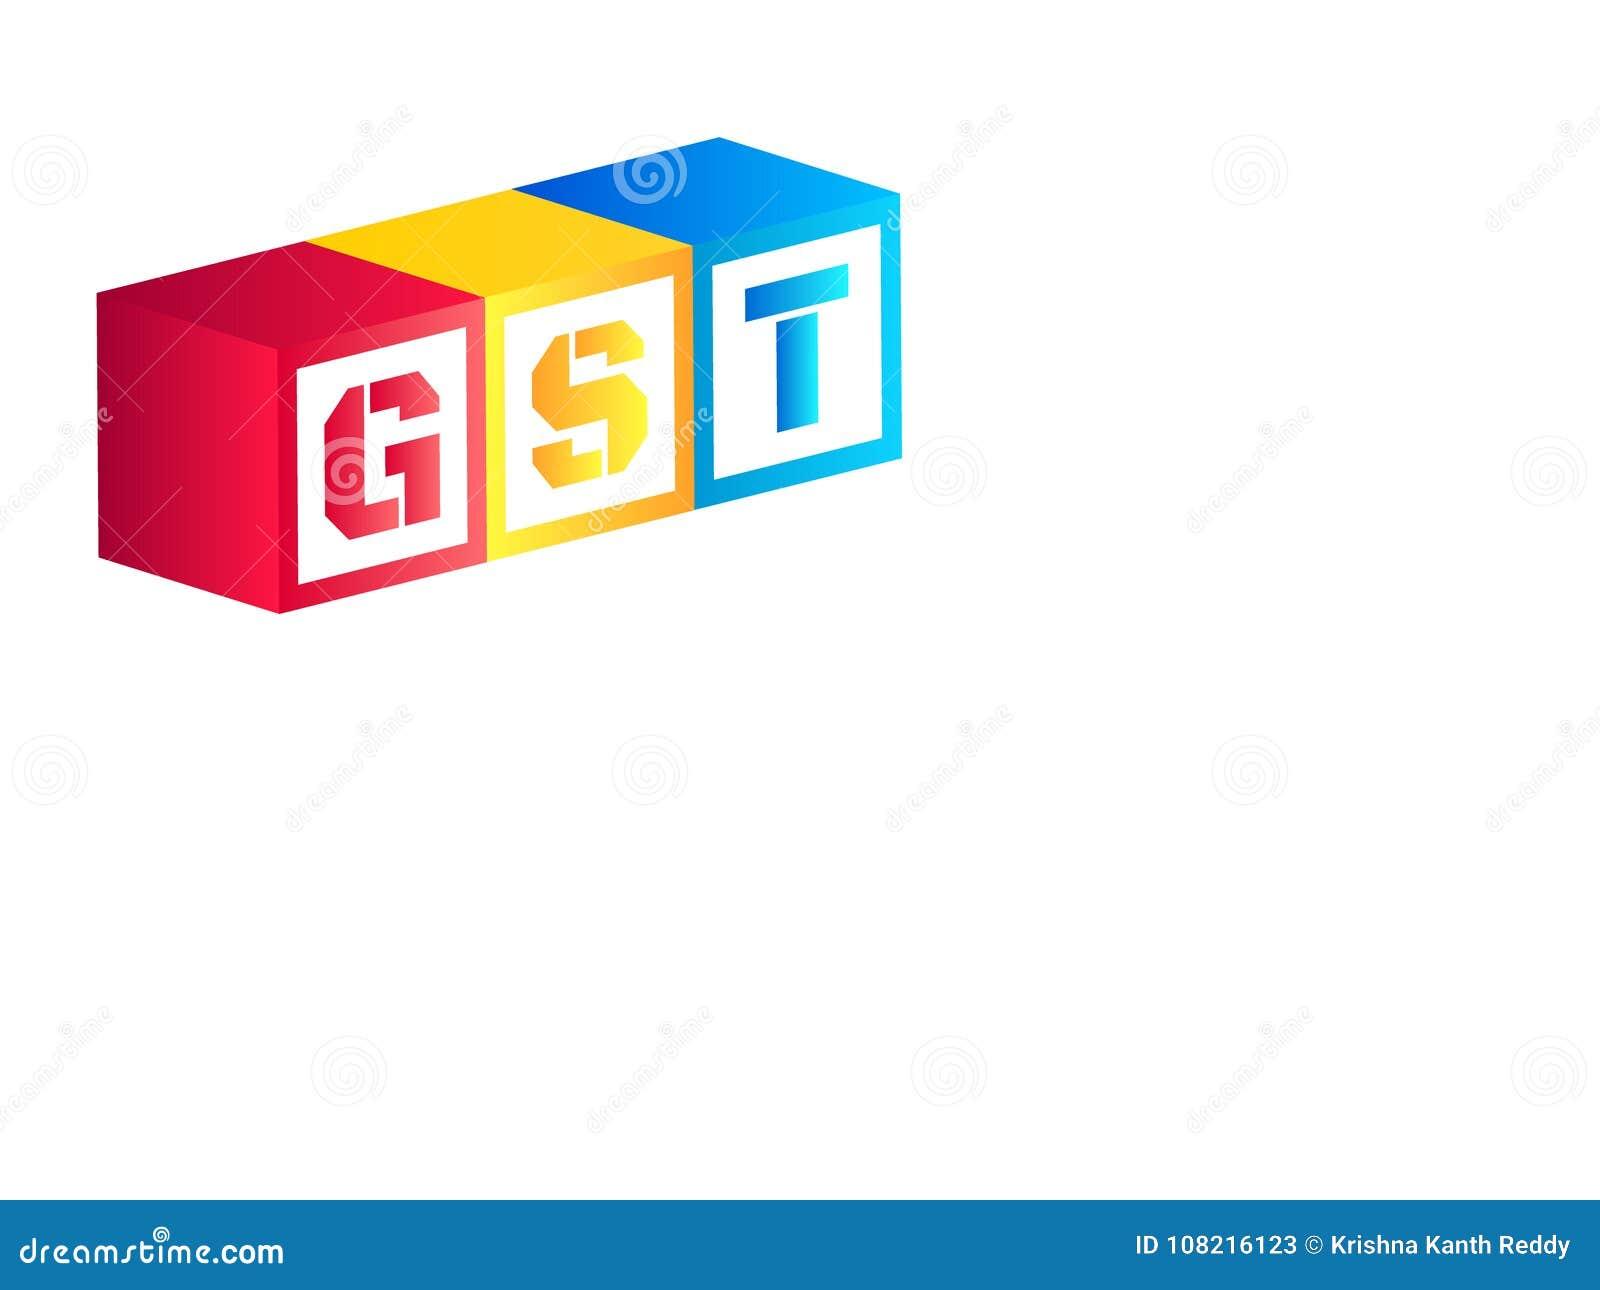 Vektorillustrationen av varor och tjänst beskattar eller GST med röda, gula och blåa färgtärning eller kuber på vit bakgrund med